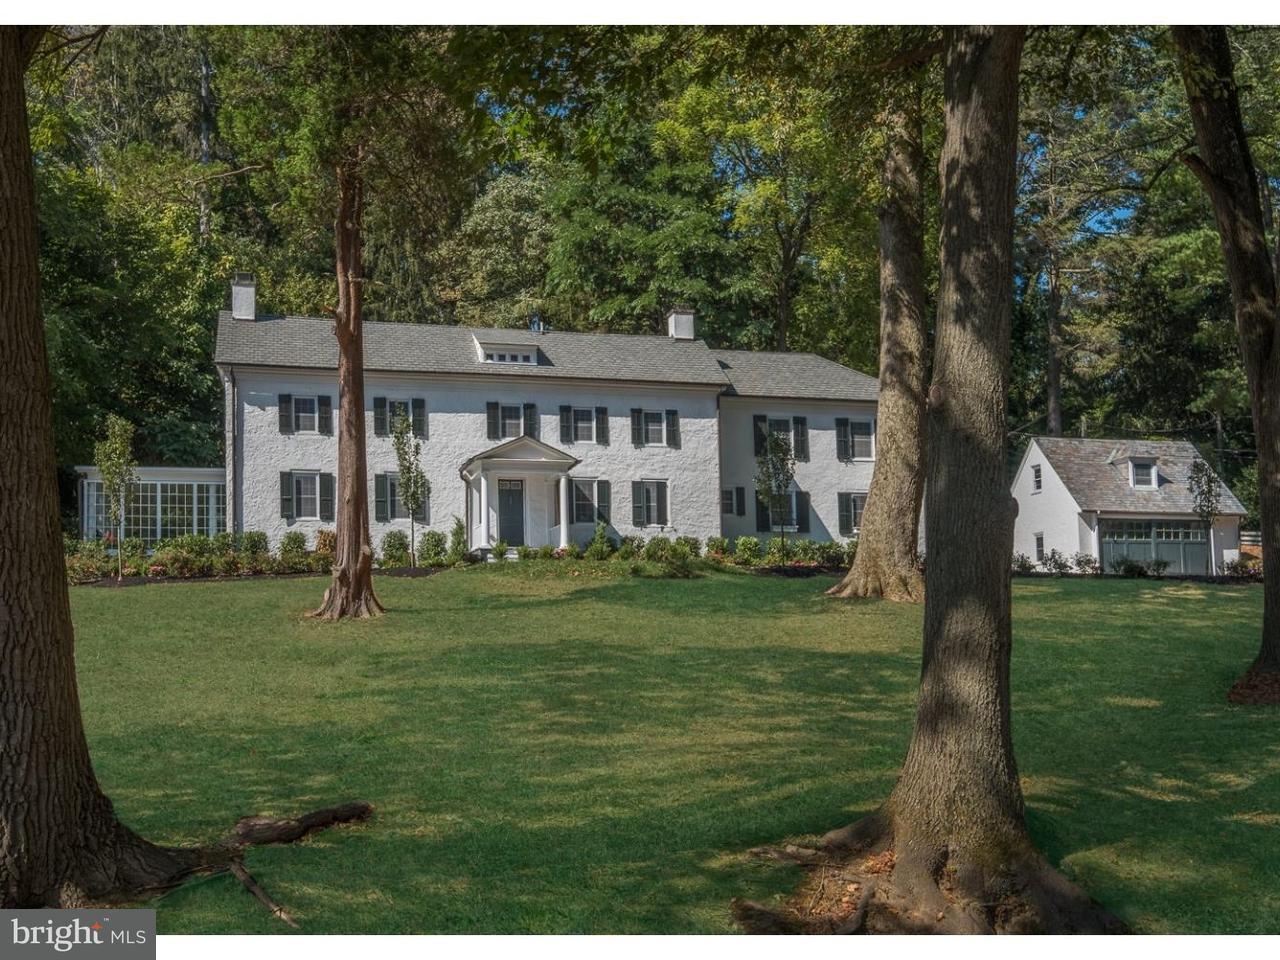 独户住宅 为 出租 在 208 ASHWOOD Road 维拉诺瓦, 宾夕法尼亚州 19085 美国